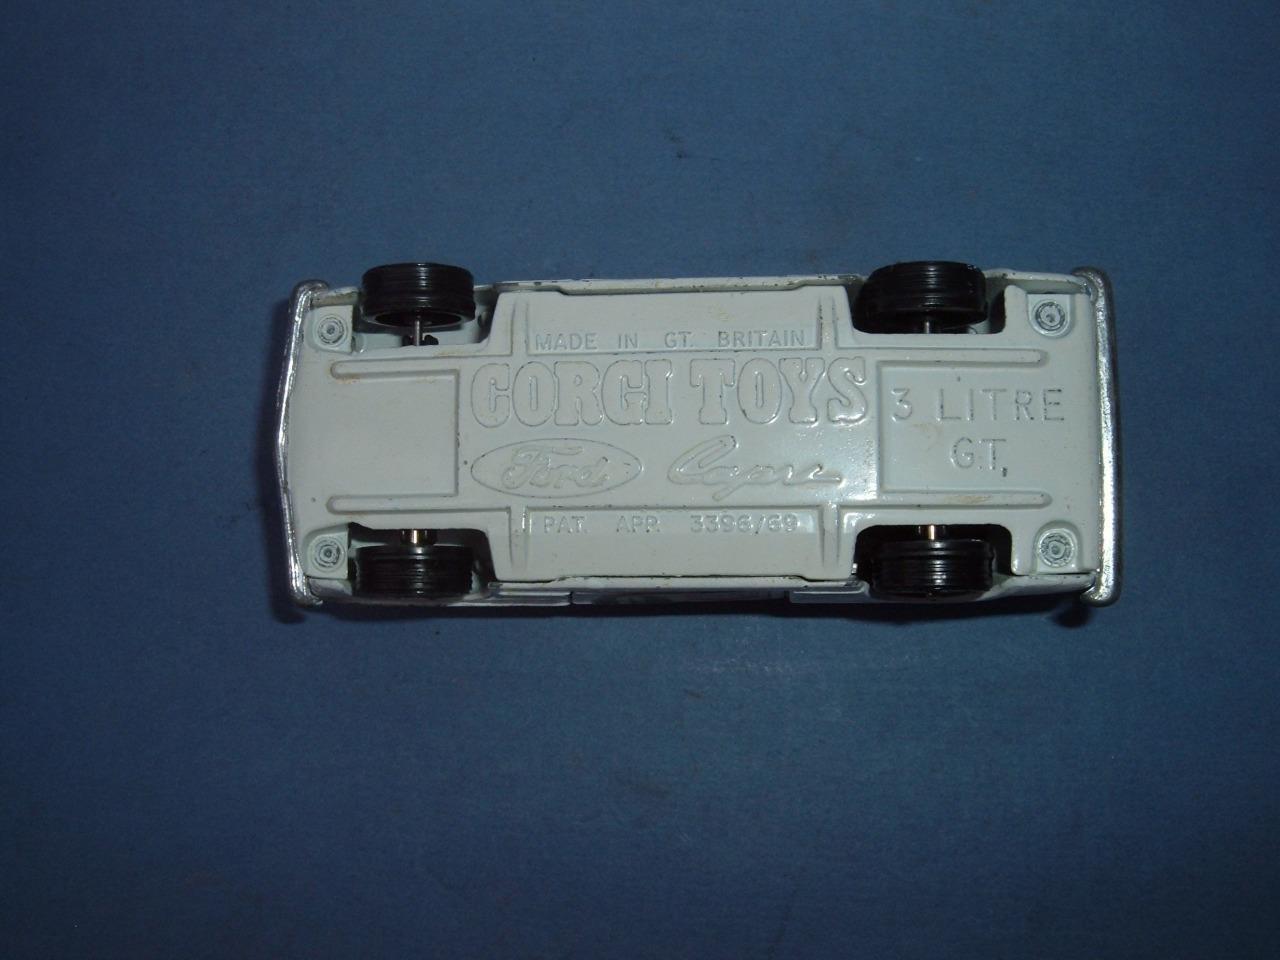 CORGI TOYS FORD CAPRI 3 3 3 LITRE V6 GT ORIGINAL 1 43 SOME MINOR PAINT LOSS 1e0679